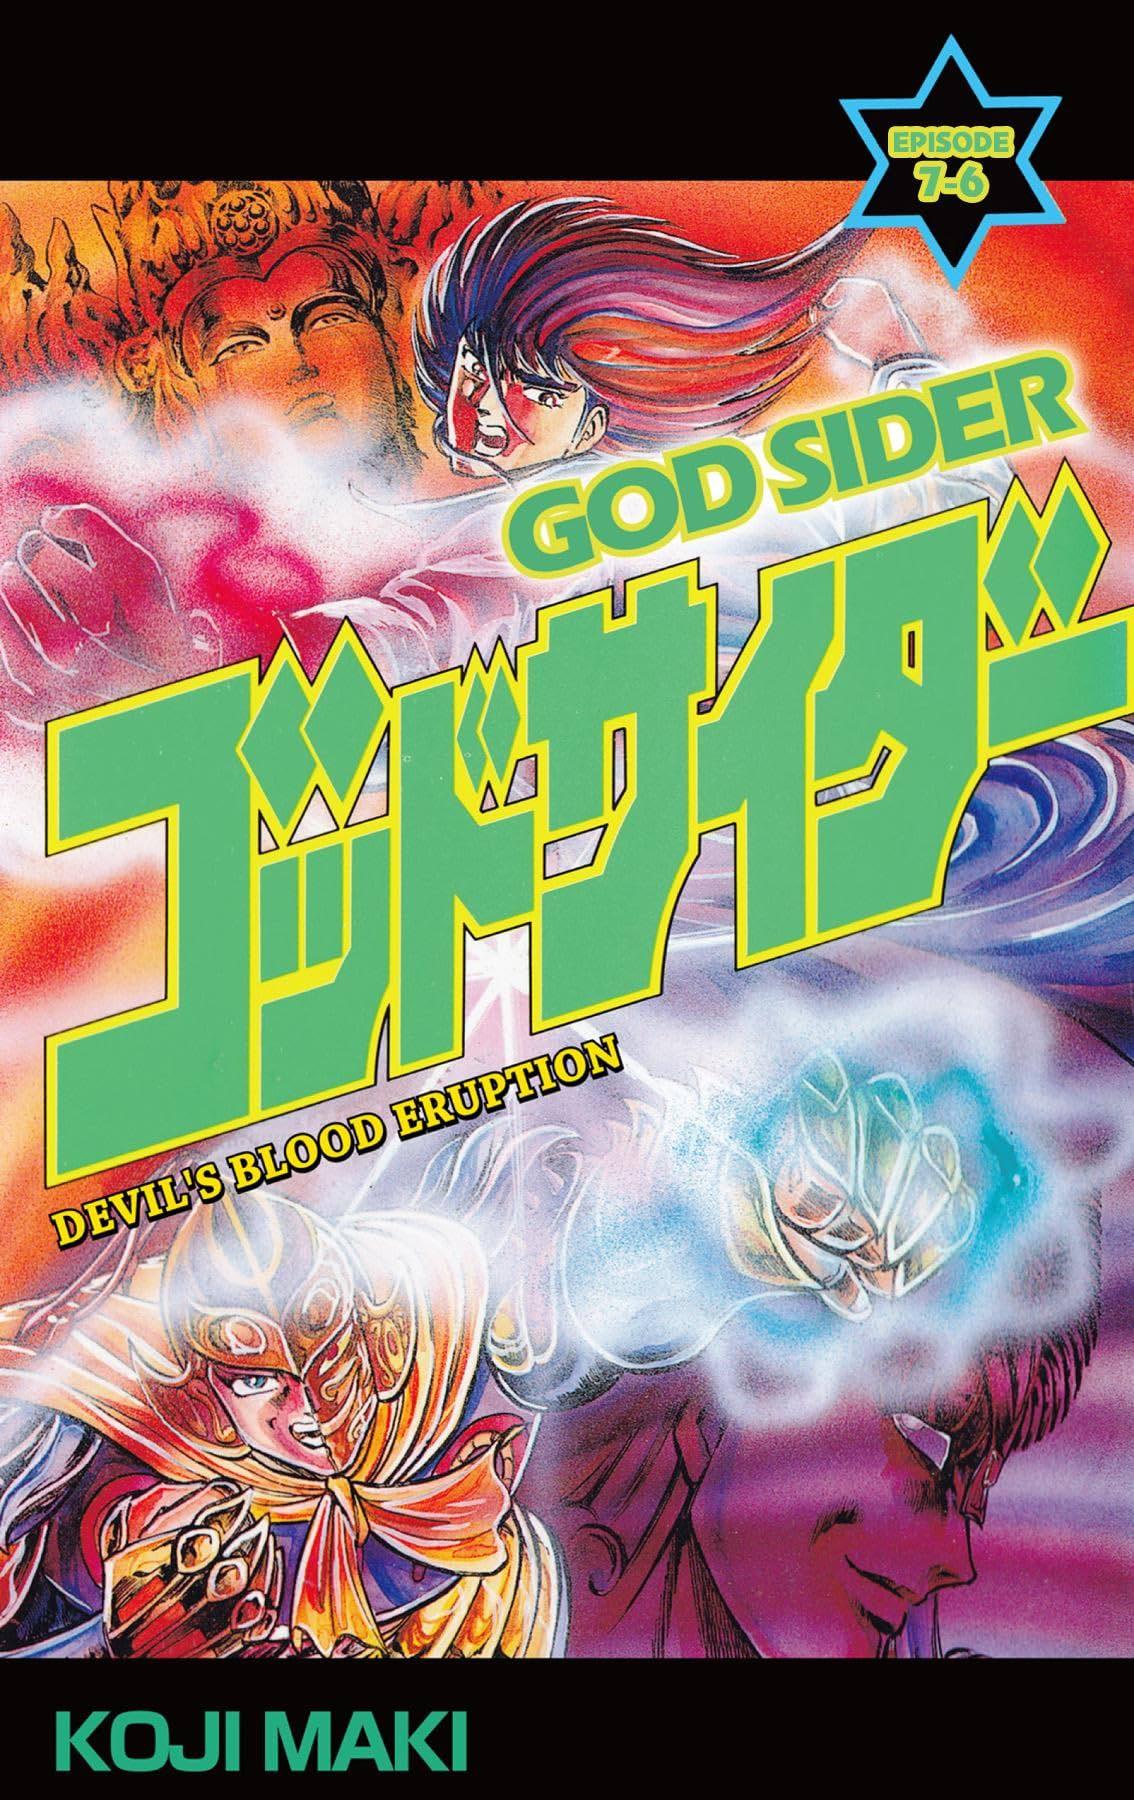 GOD SIDER #48